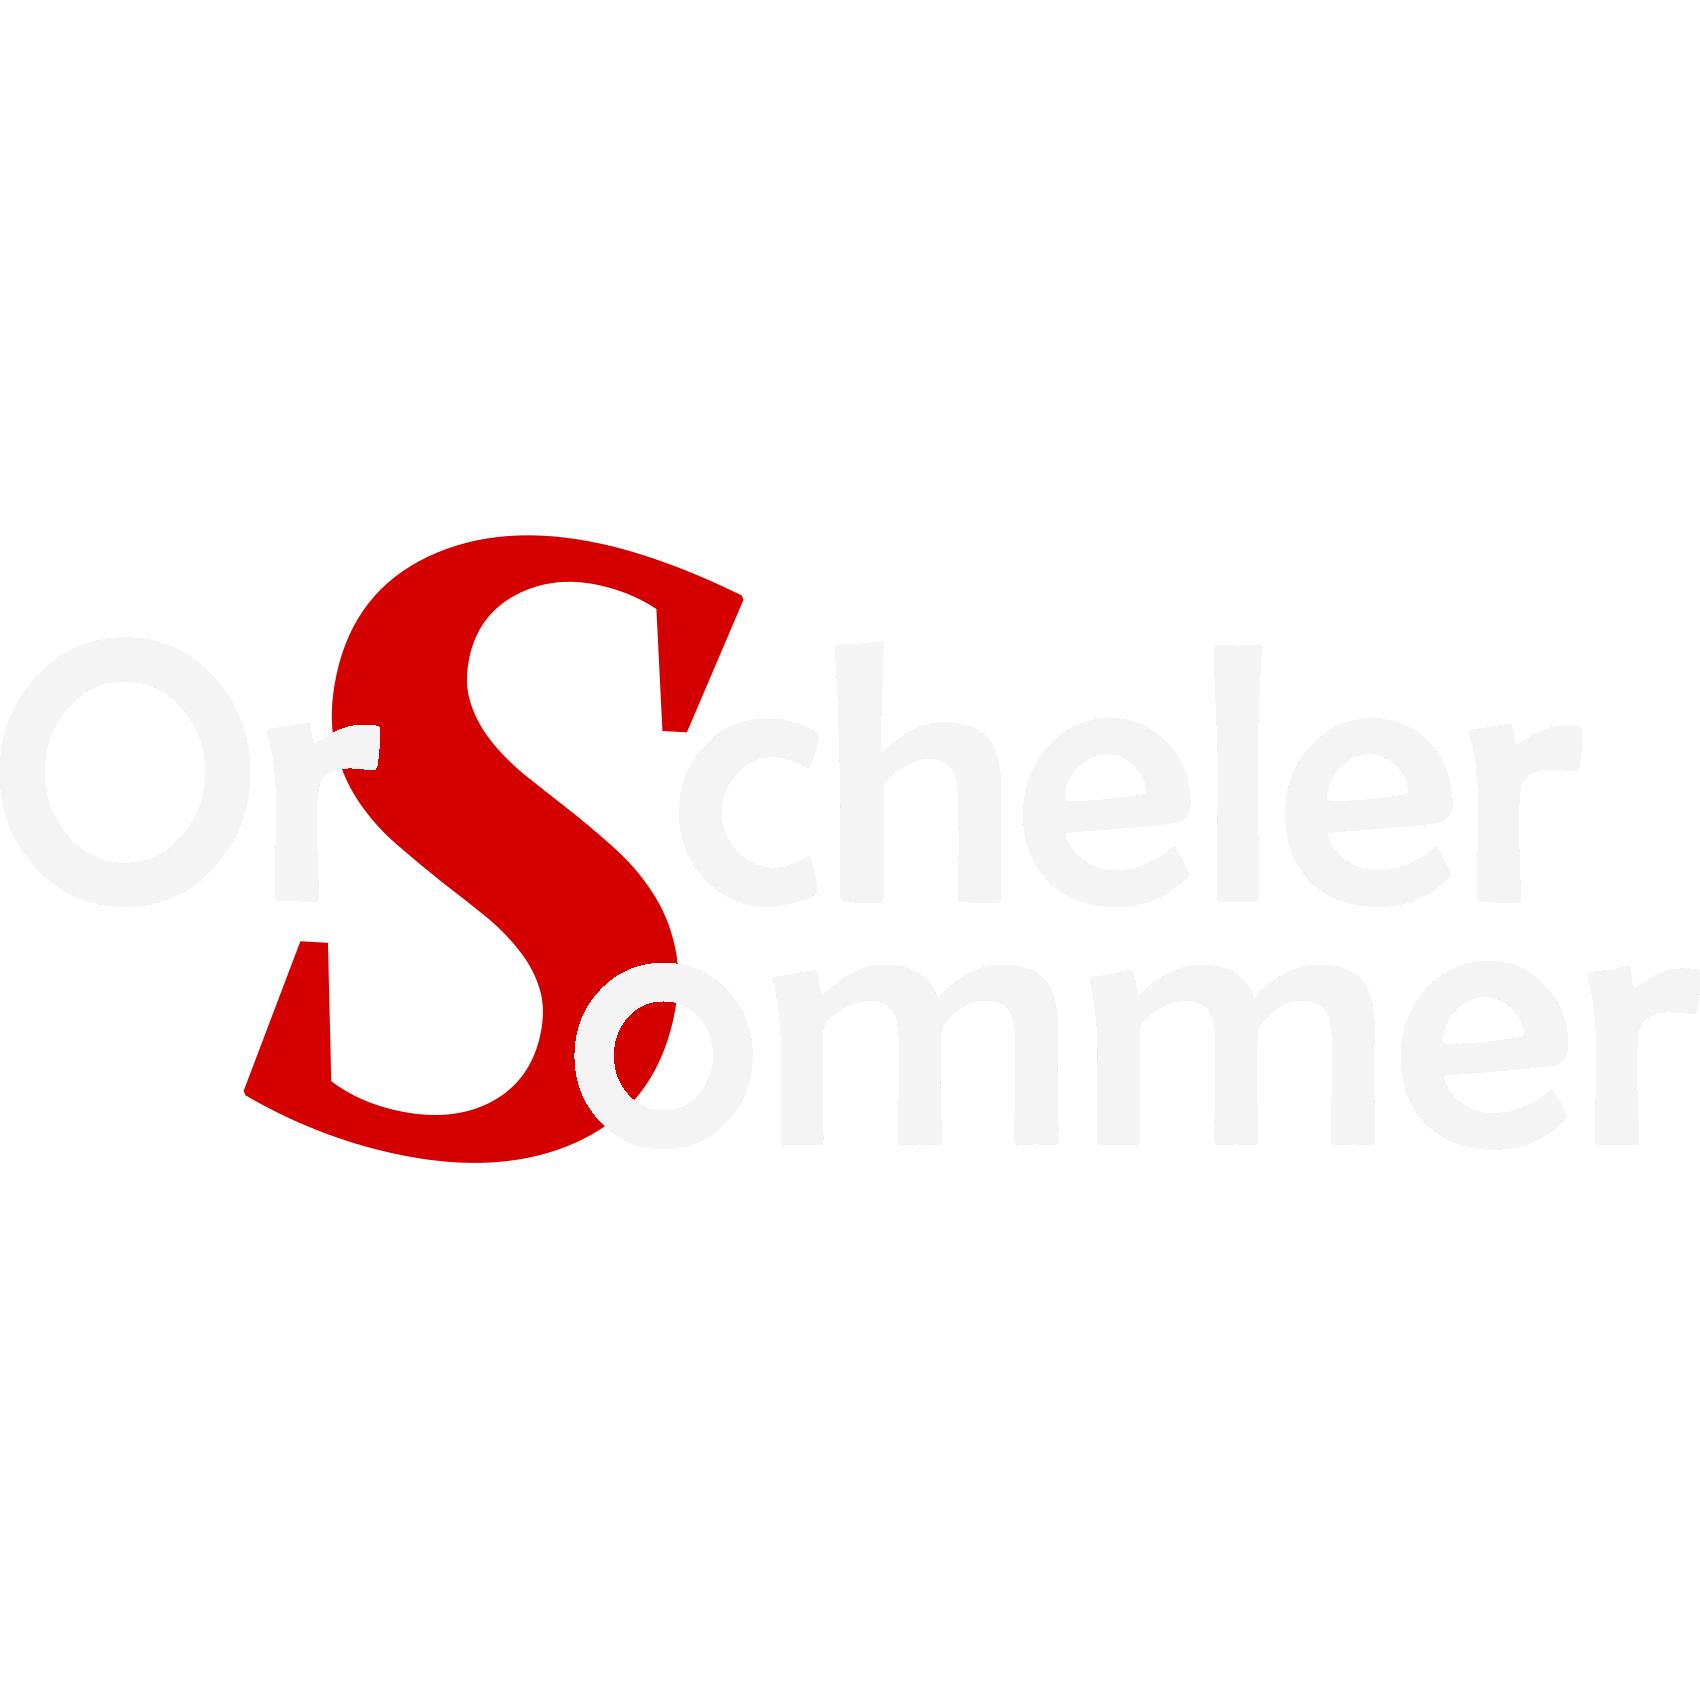 [Lokal] Orscheler Sommer 2017 Konzerte und Open-Air-Kino und vieles mehr